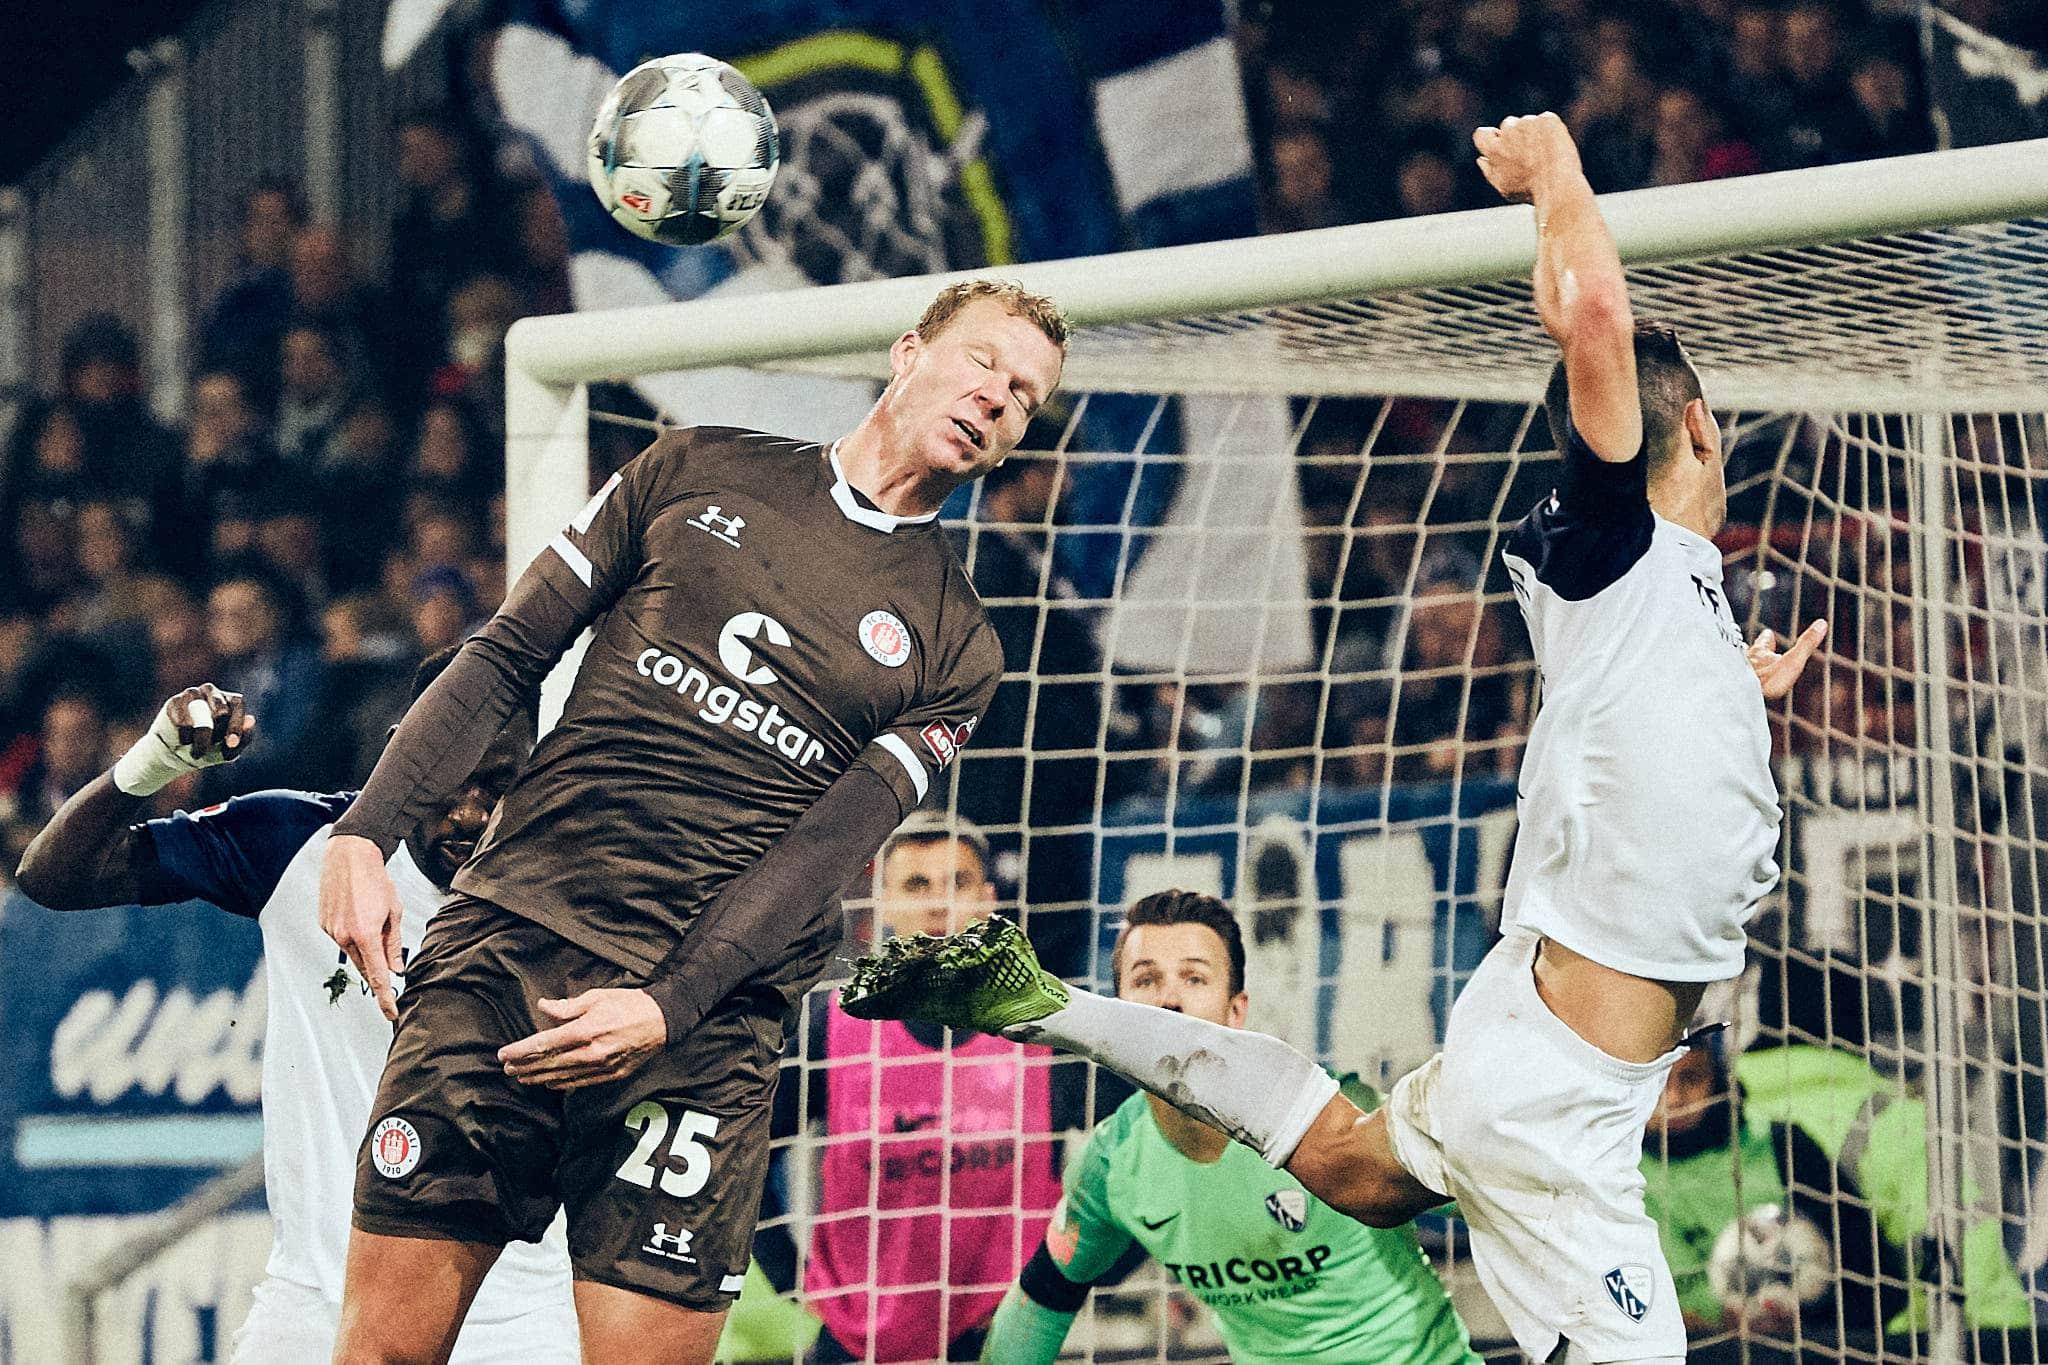 Nach dem Spiel – VfL Bochum (H) – Spieltag 13 – Saison 2019/20